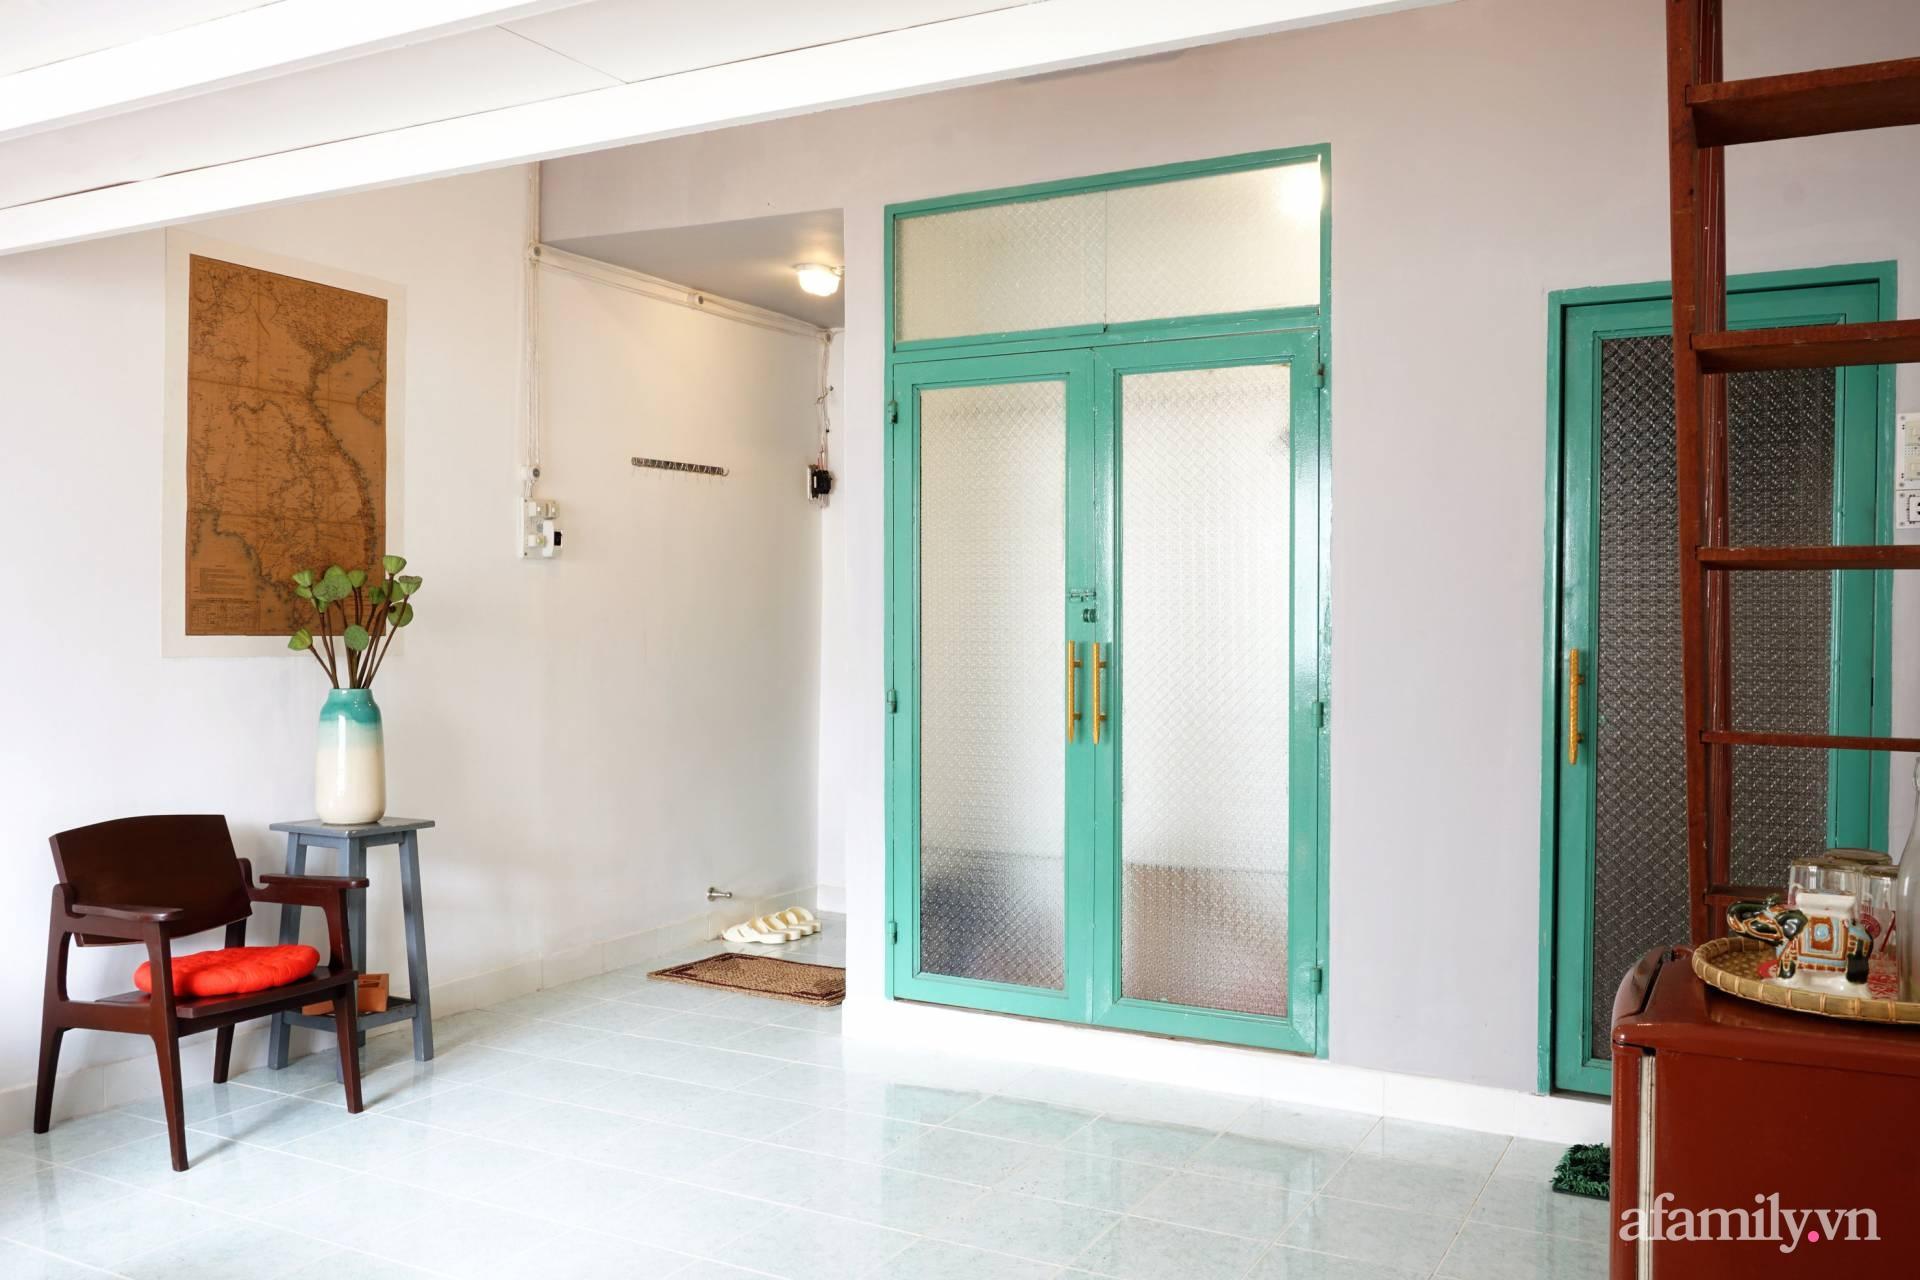 Cải tạo nhà tập thể đẹp hoài cổ lấy cảm hứng từ phong cách Đông Dương có chi phí 120 triệu đồng ở Sài Gòn - Ảnh 14.